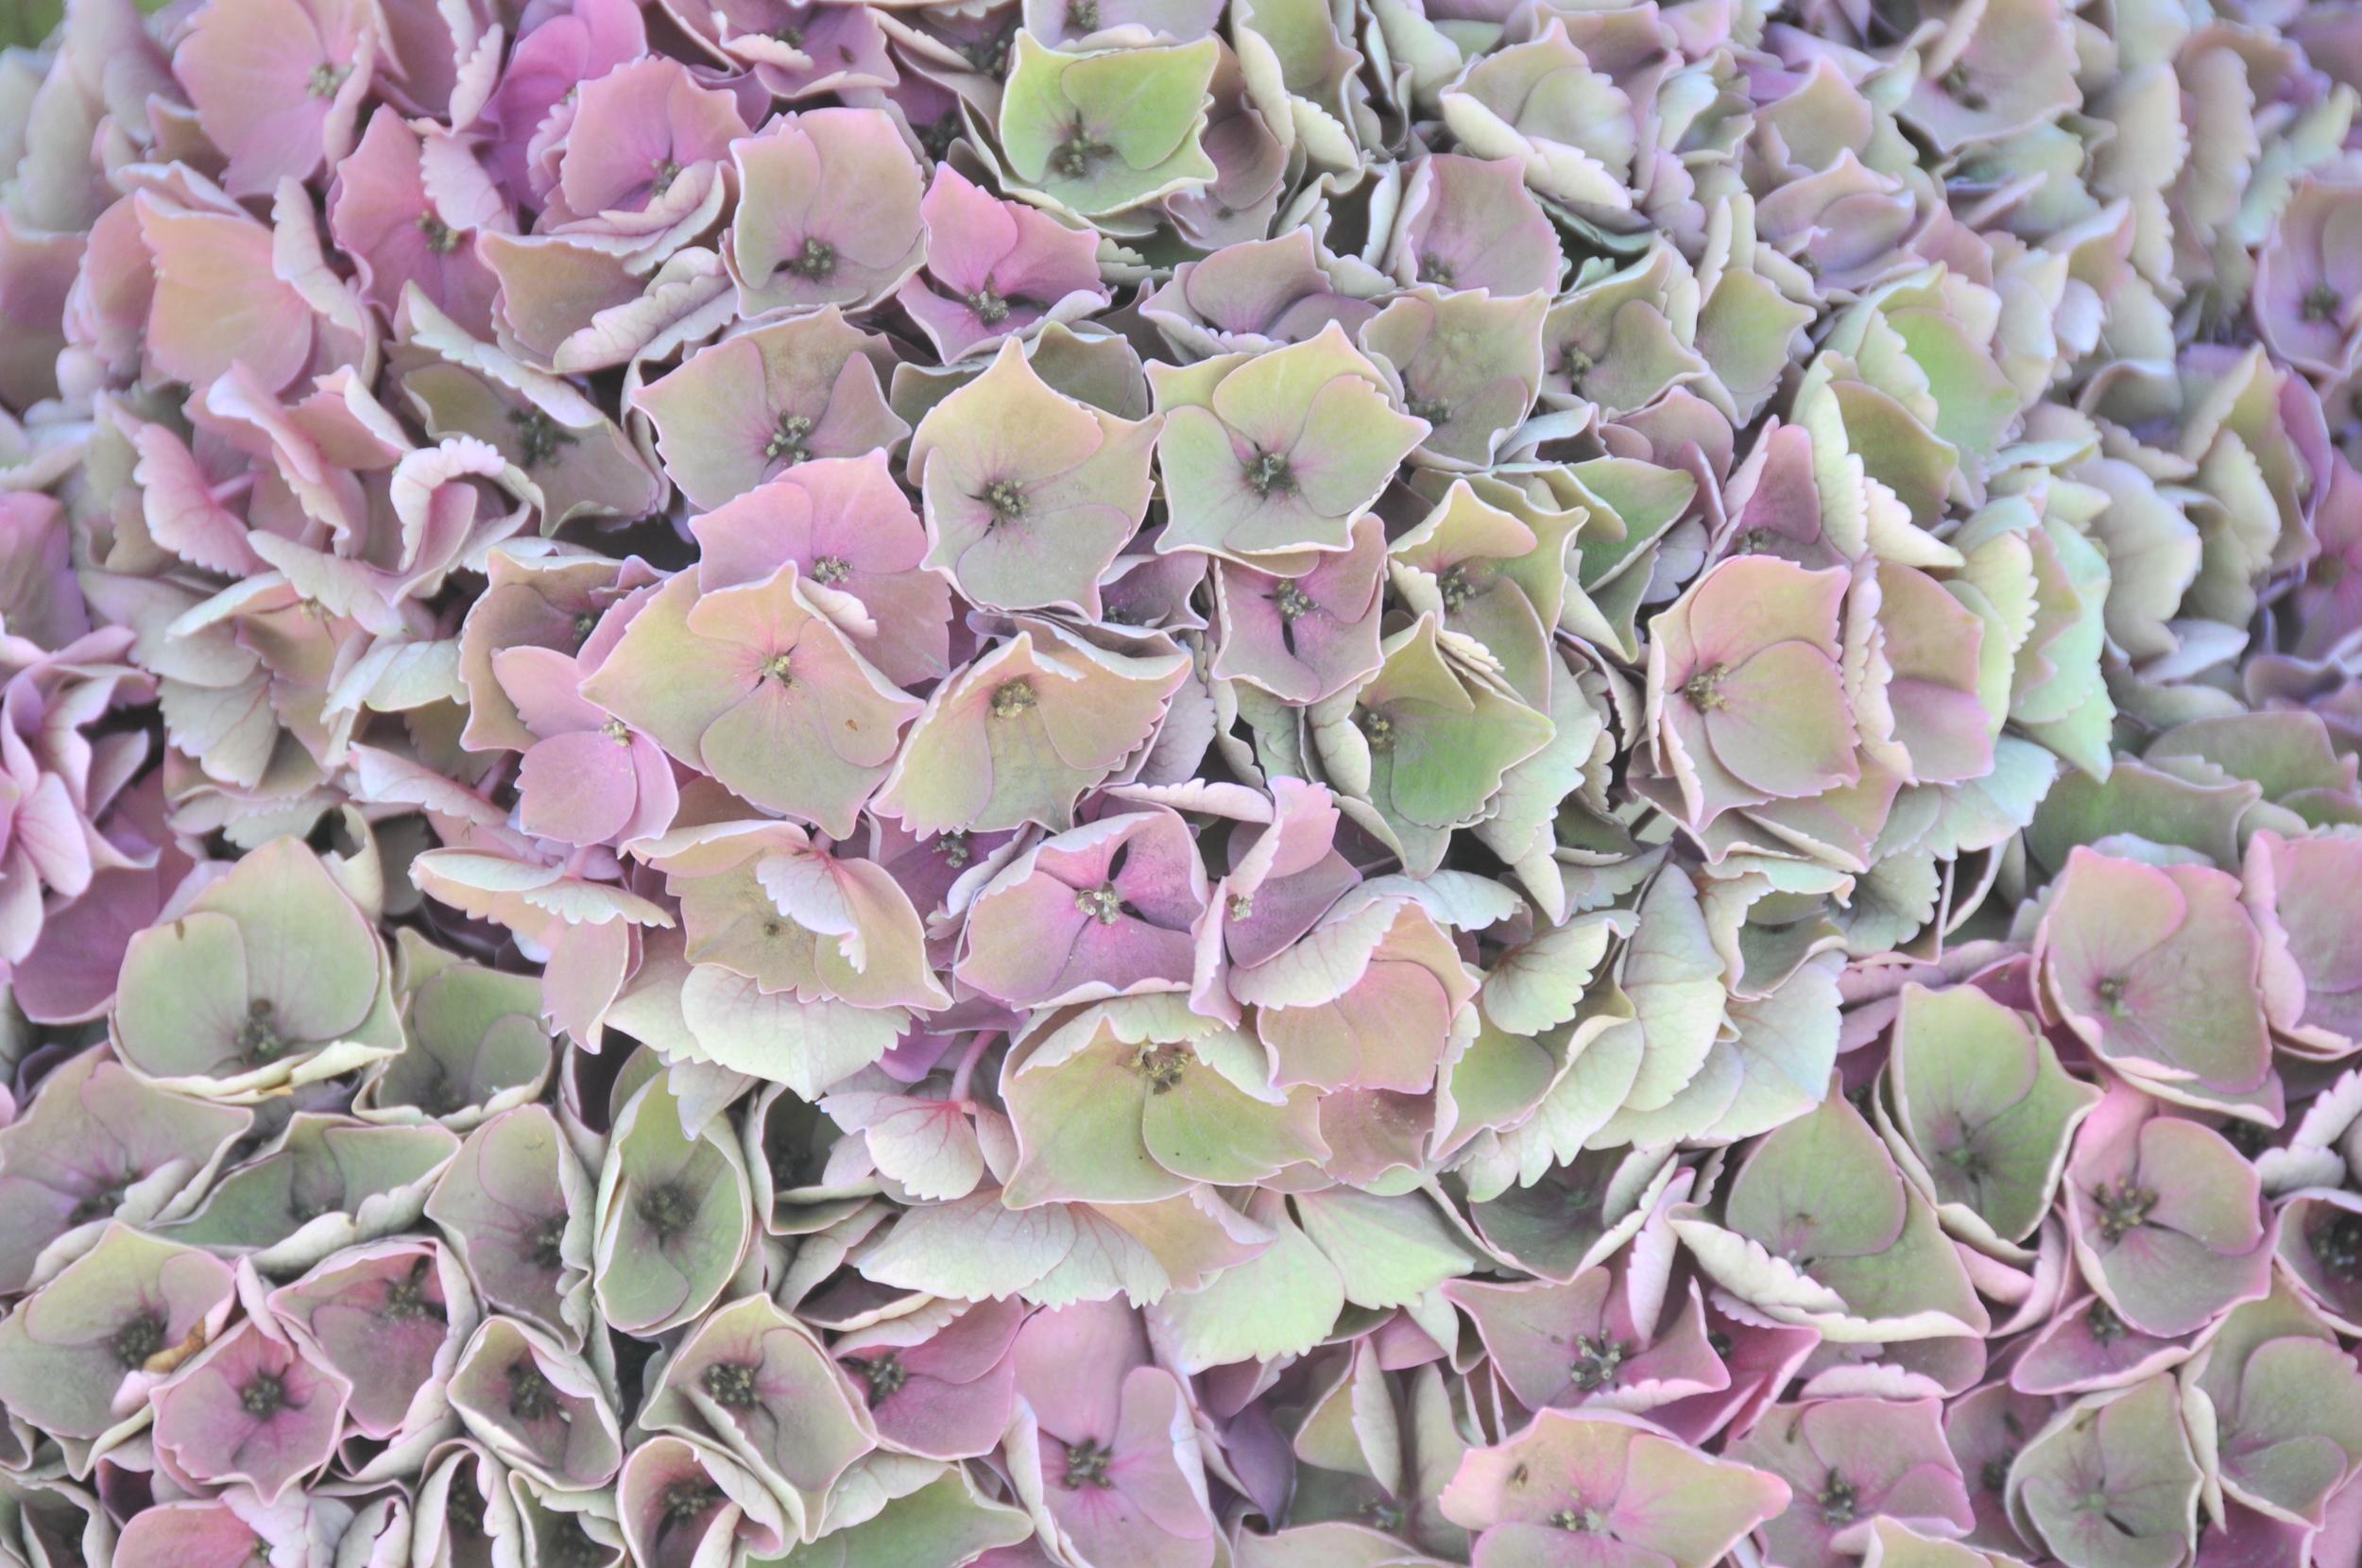 antique hydrangea florets